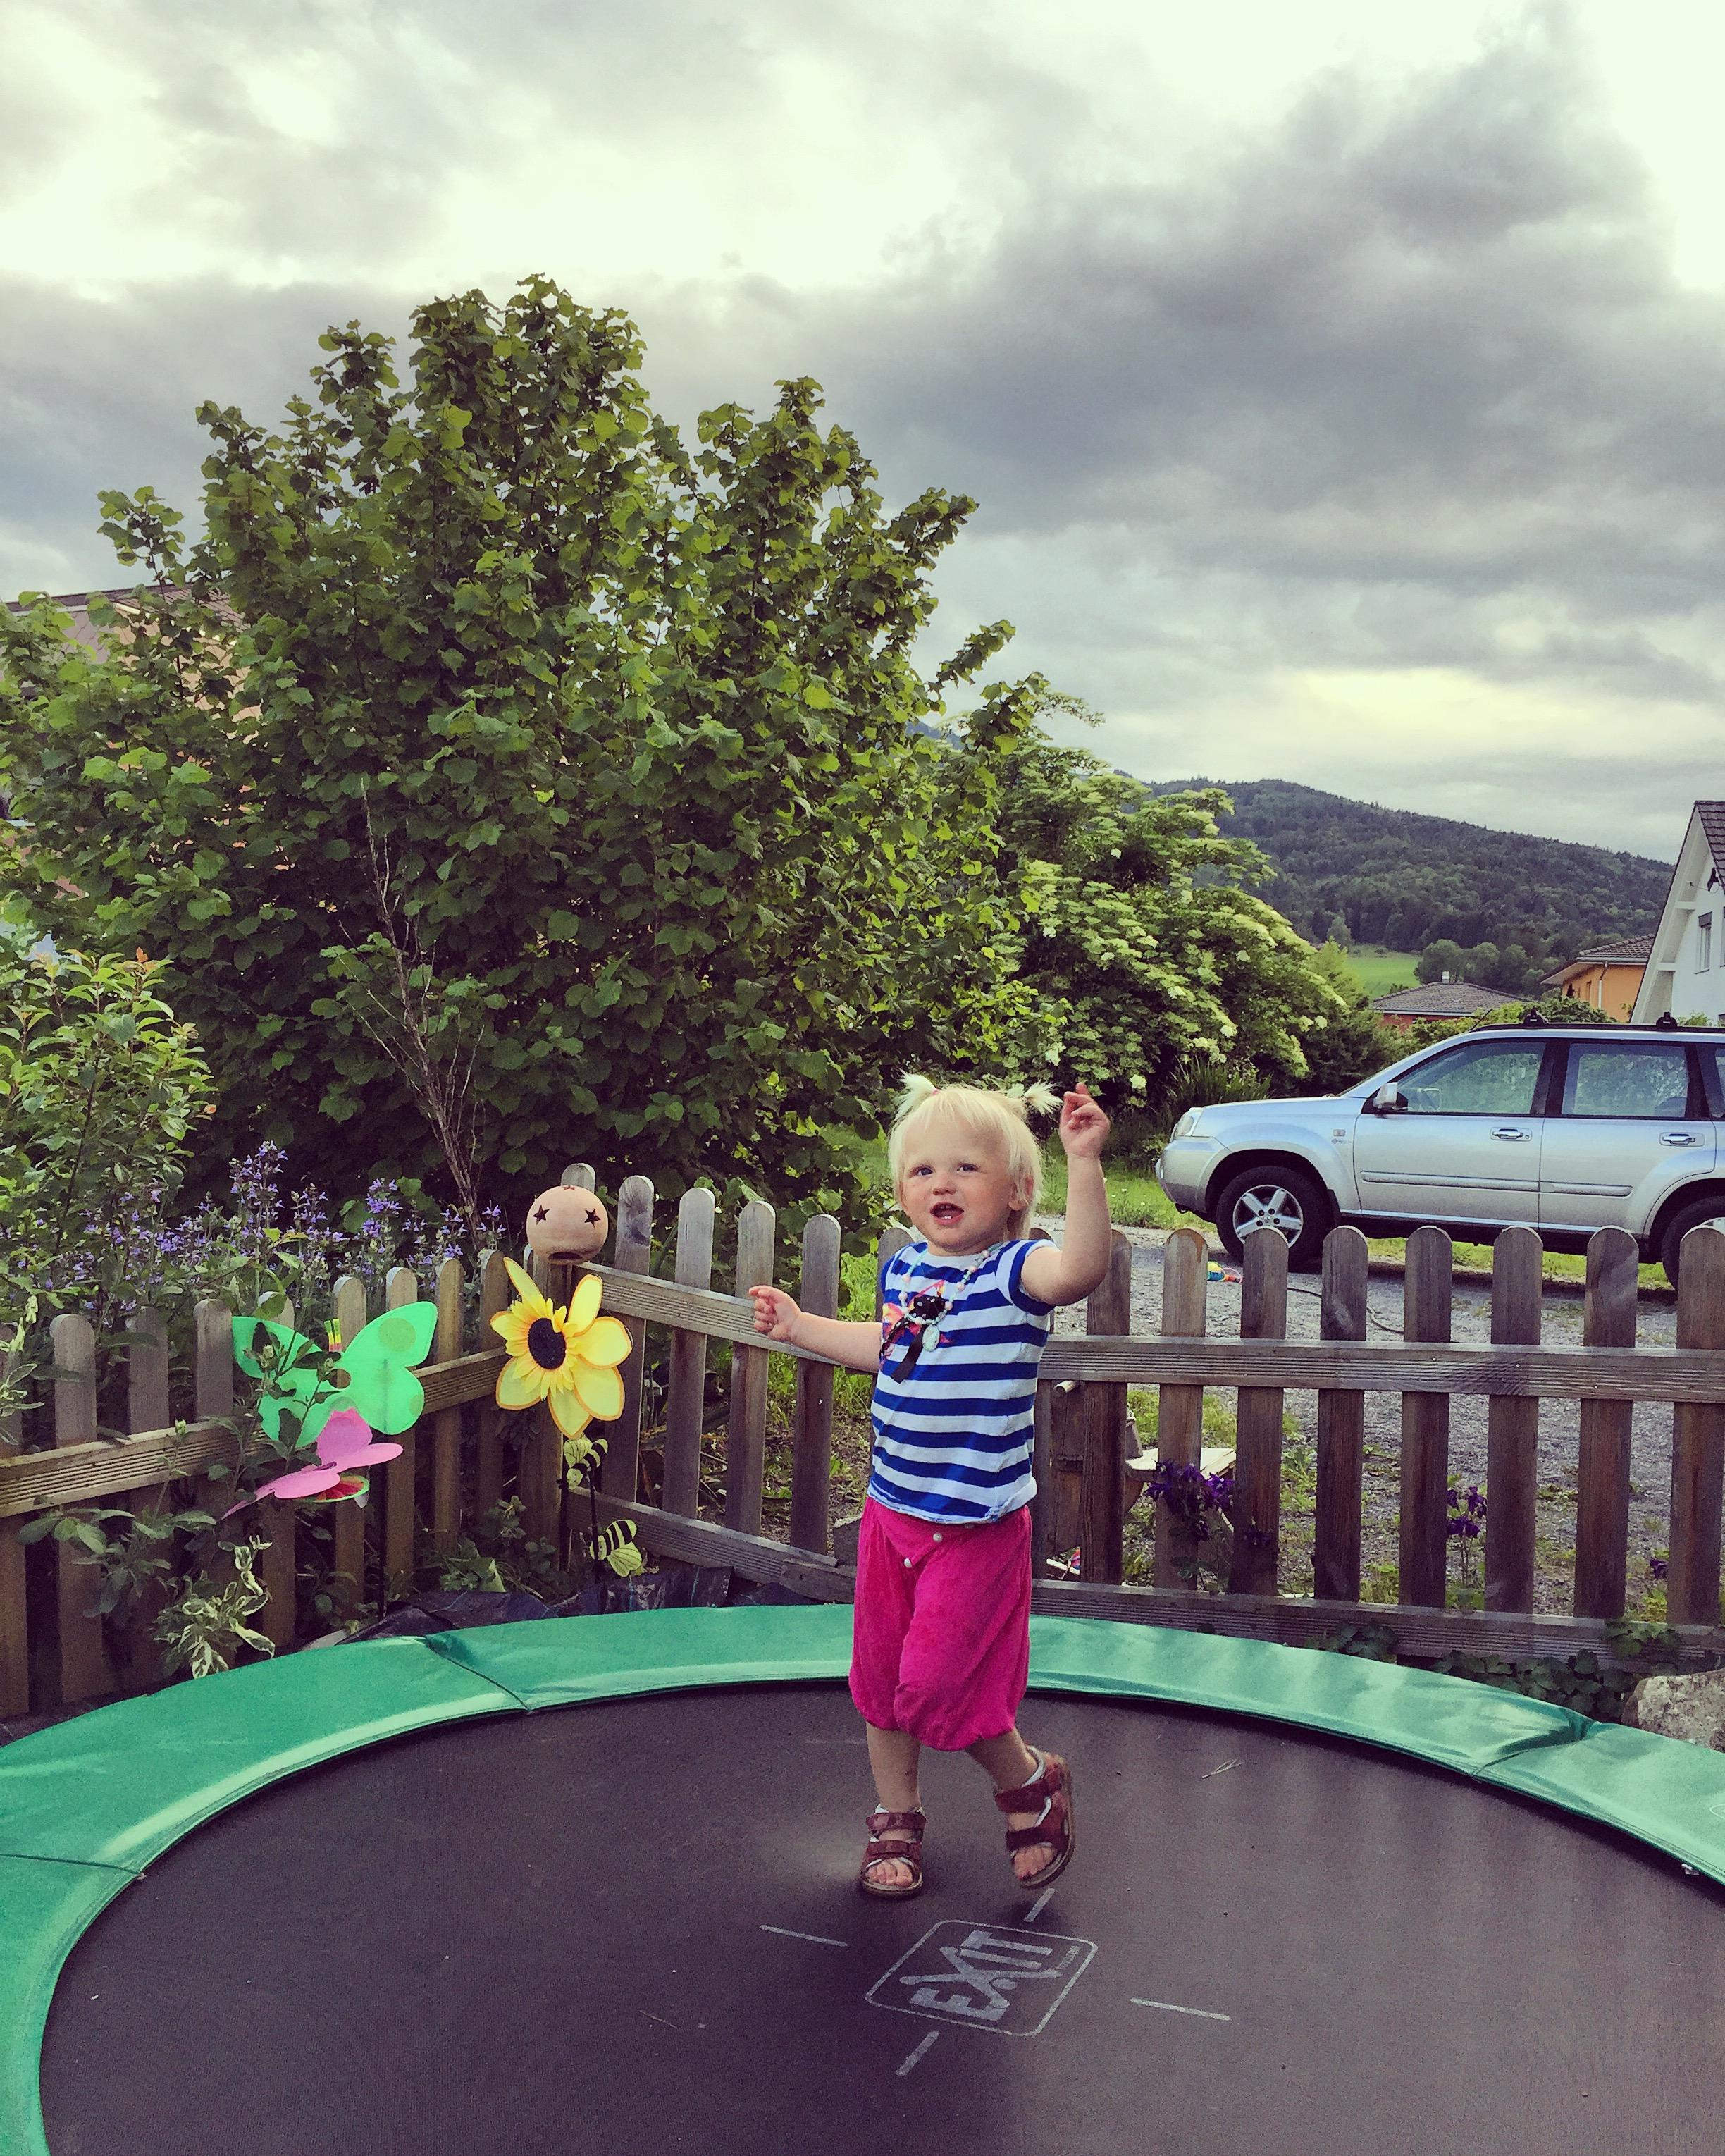 Na het avondeten rent Liza naar de trampoline en geeft een hele show weg!